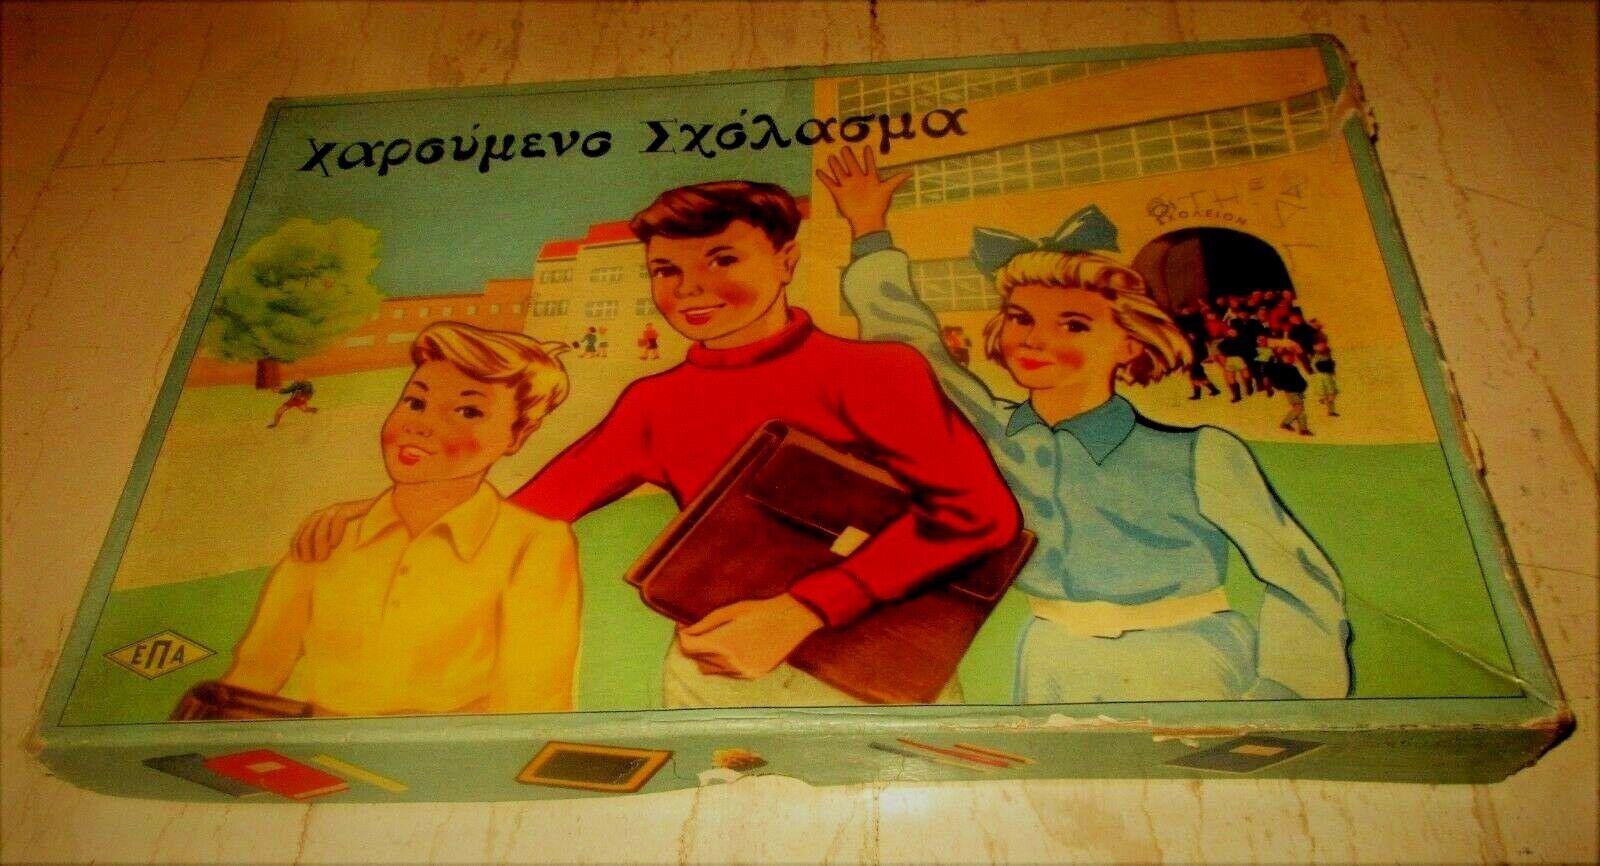 UNIQUE VINTAGE GREEK LITHO HARDBOARD GAME - XAROUMENO SXOLASMA - BY EPA 60s